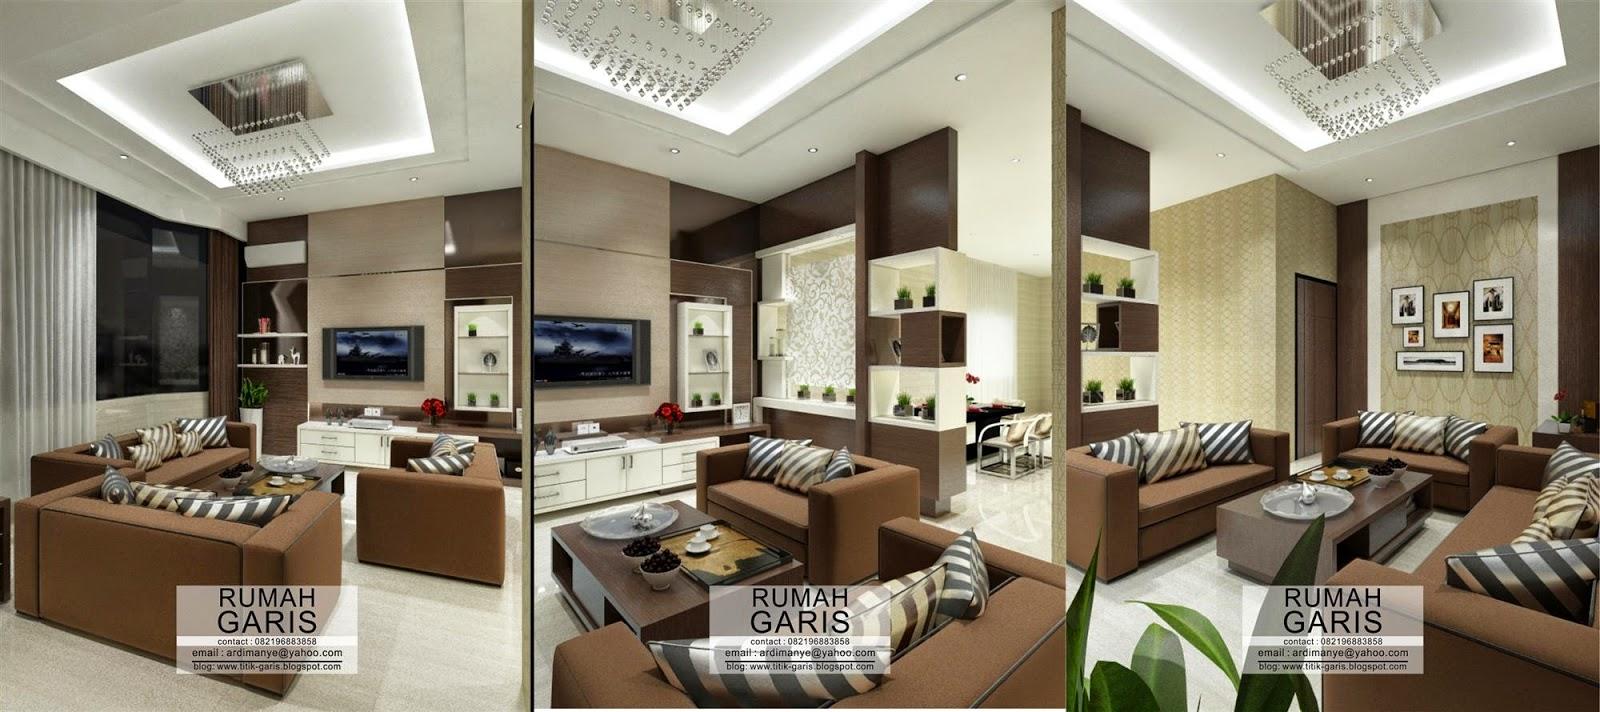 Desain Interior Rumah Pak Nicko Di Makassar Rumah Garis